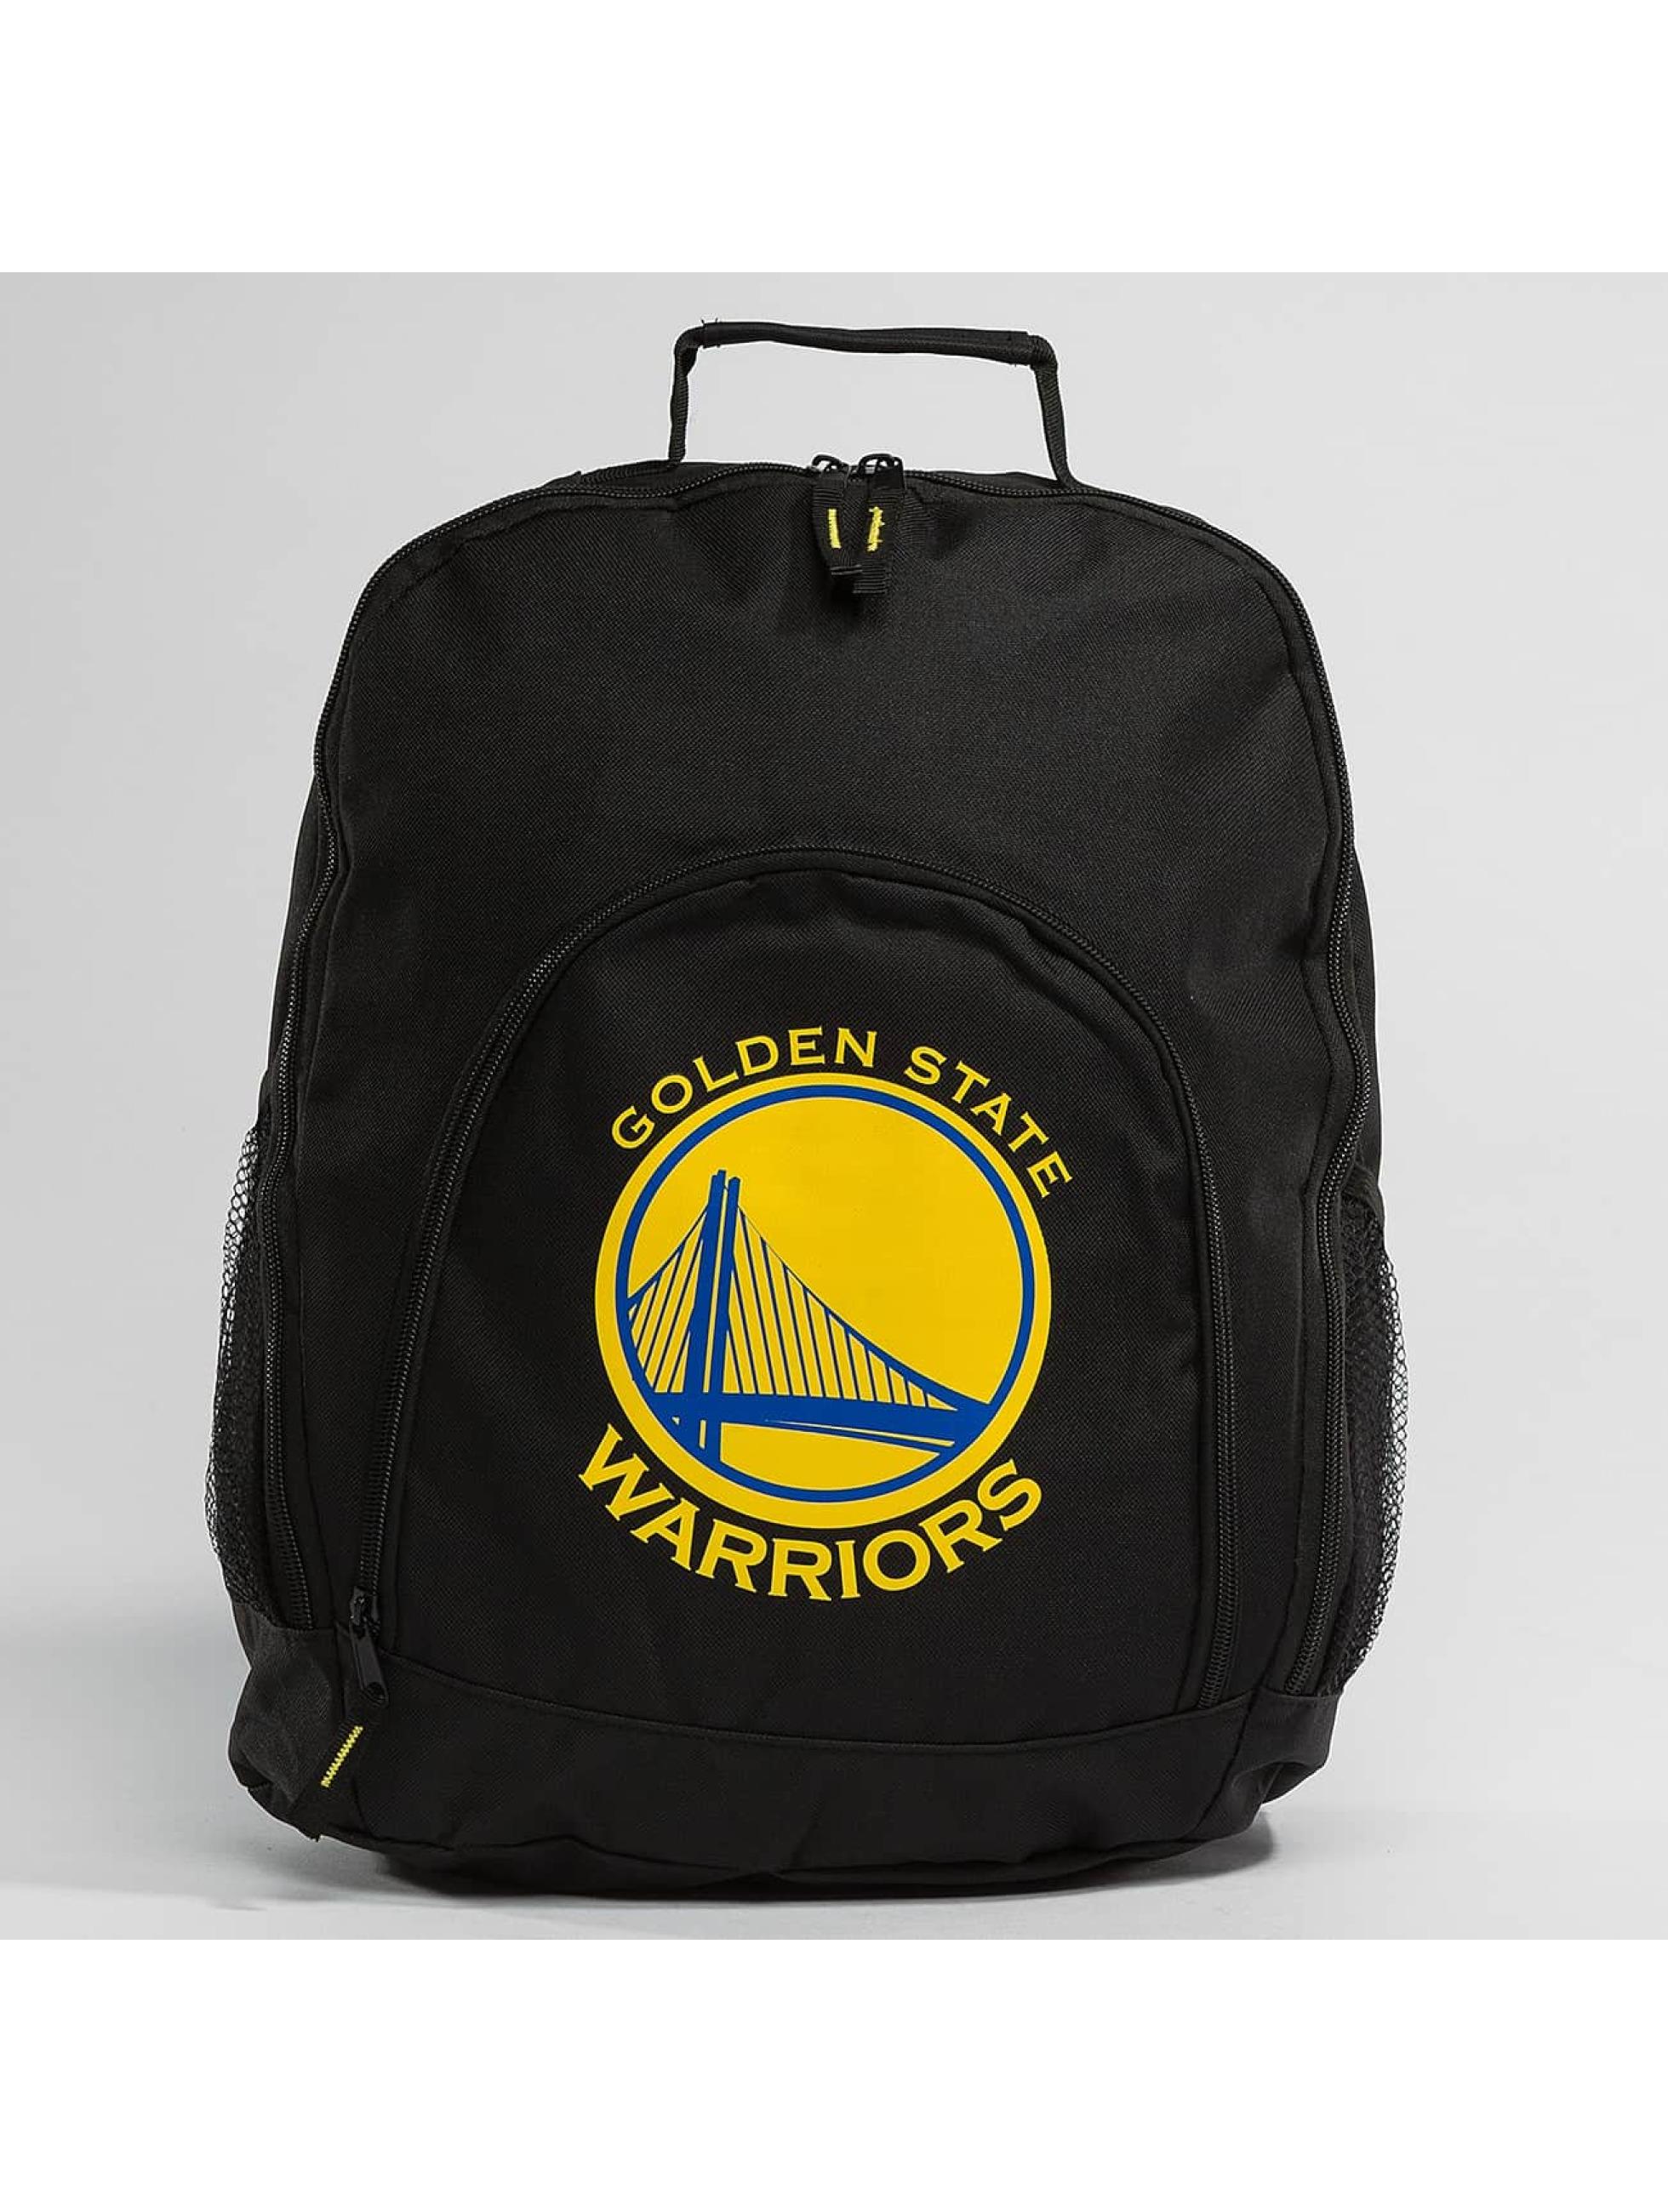 Forever Collectibles Männer,Frauen Rucksack NBA Golden State Warriors in schwarz